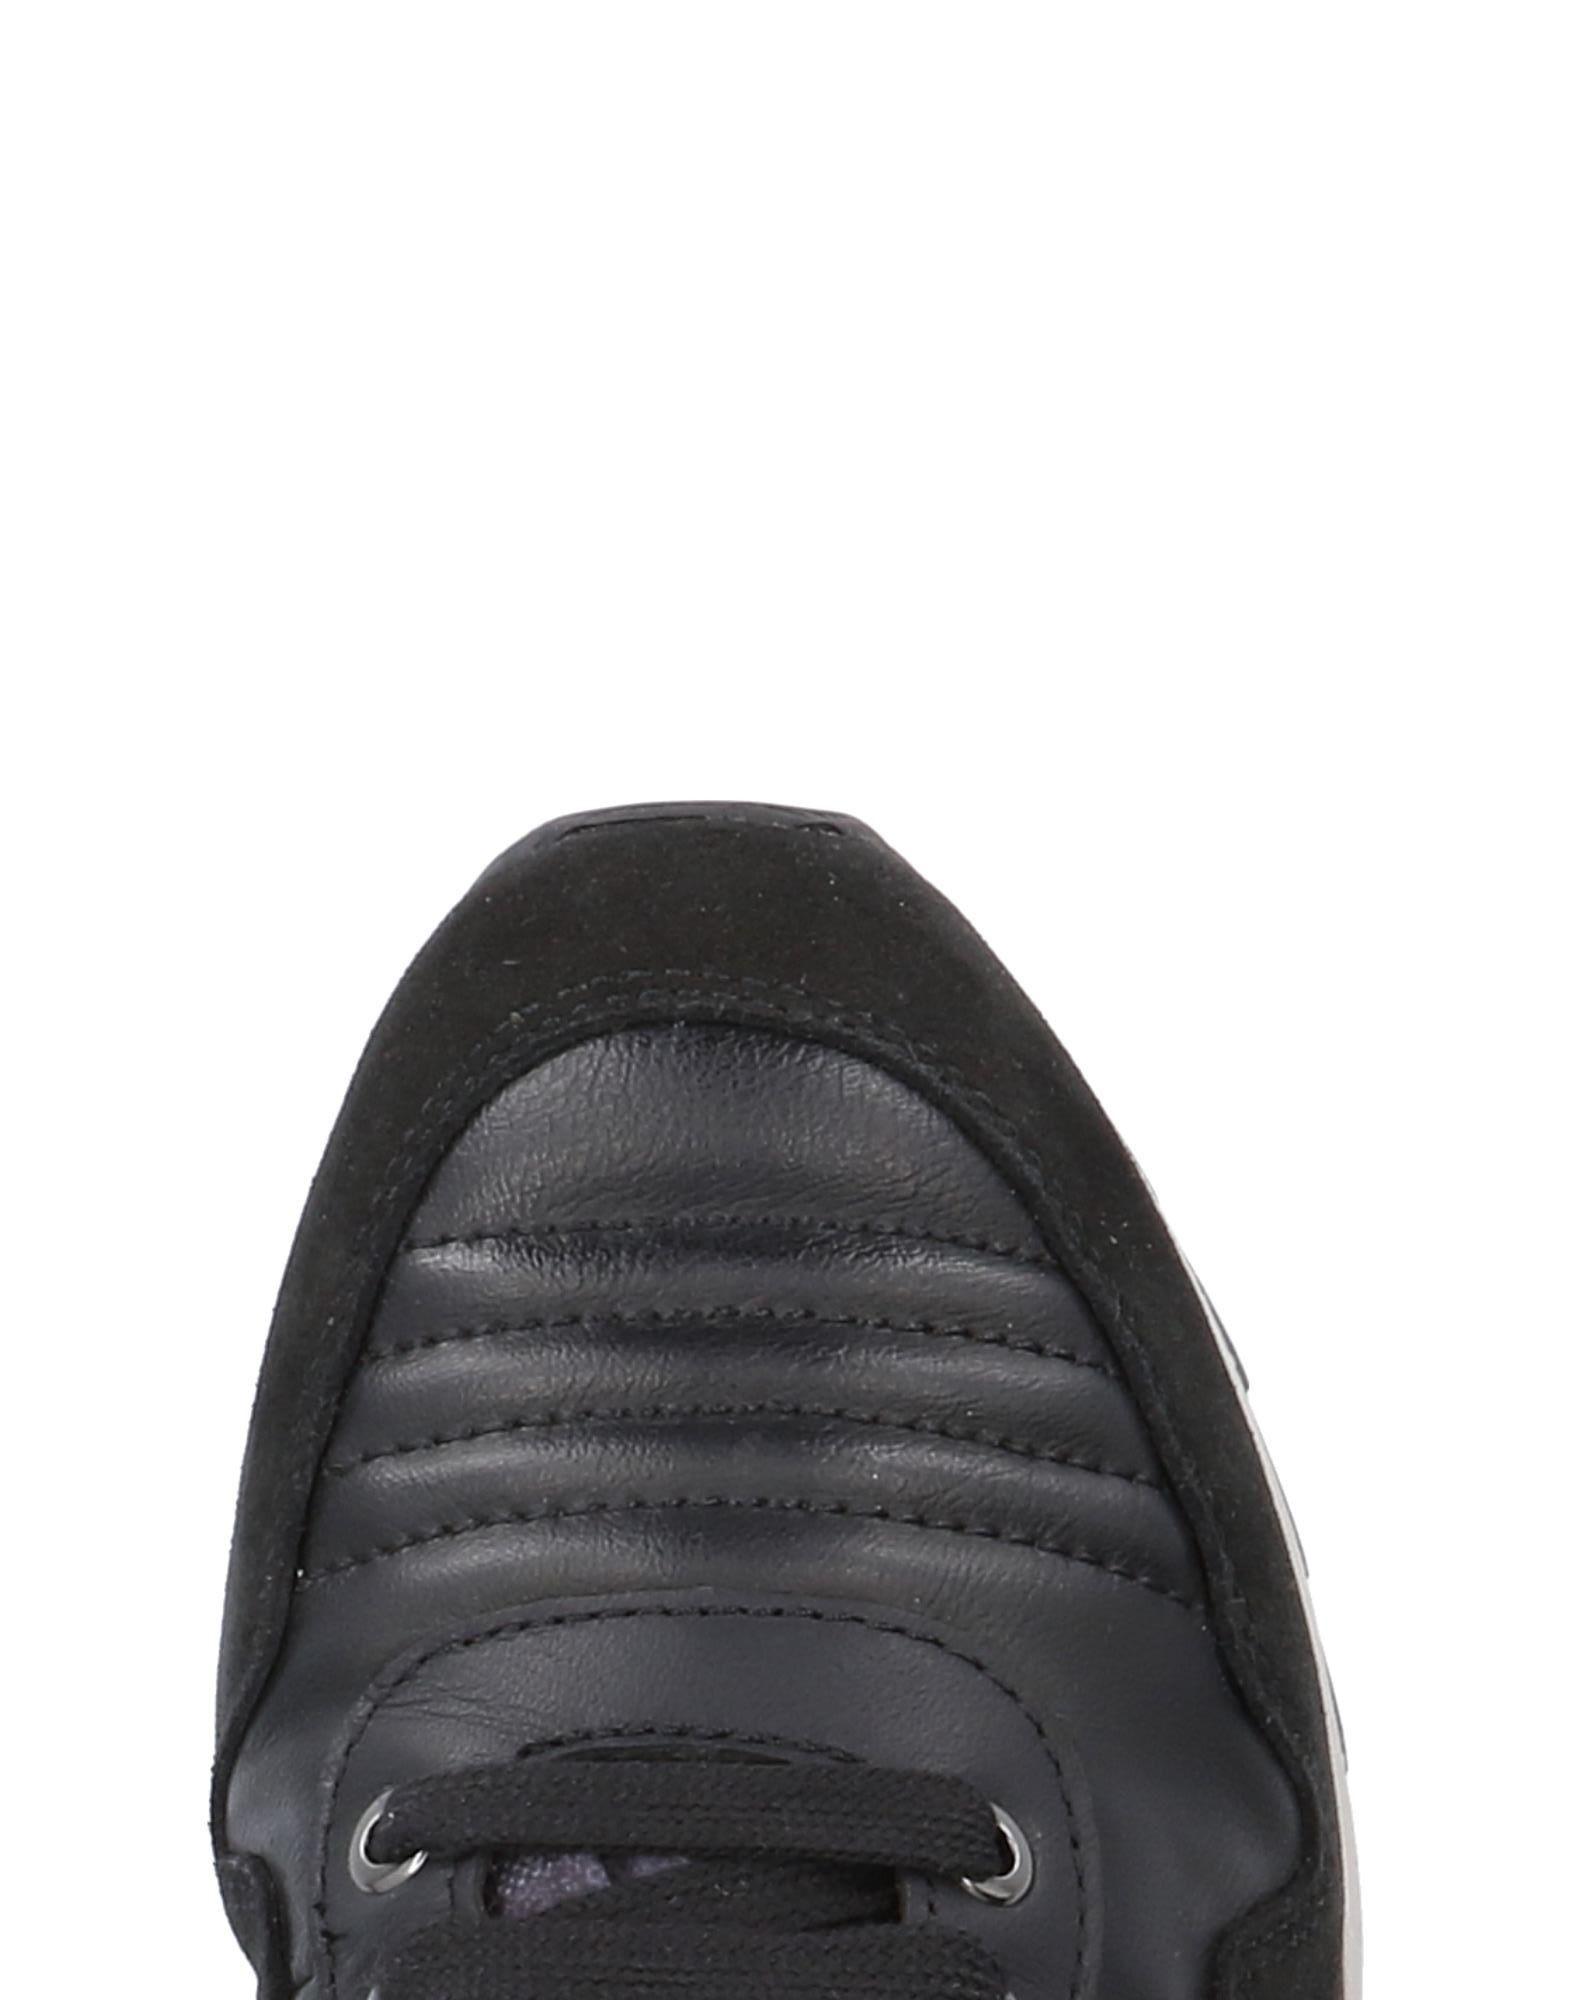 11314628VN Geox Sneakers Damen  11314628VN  ed4fb2